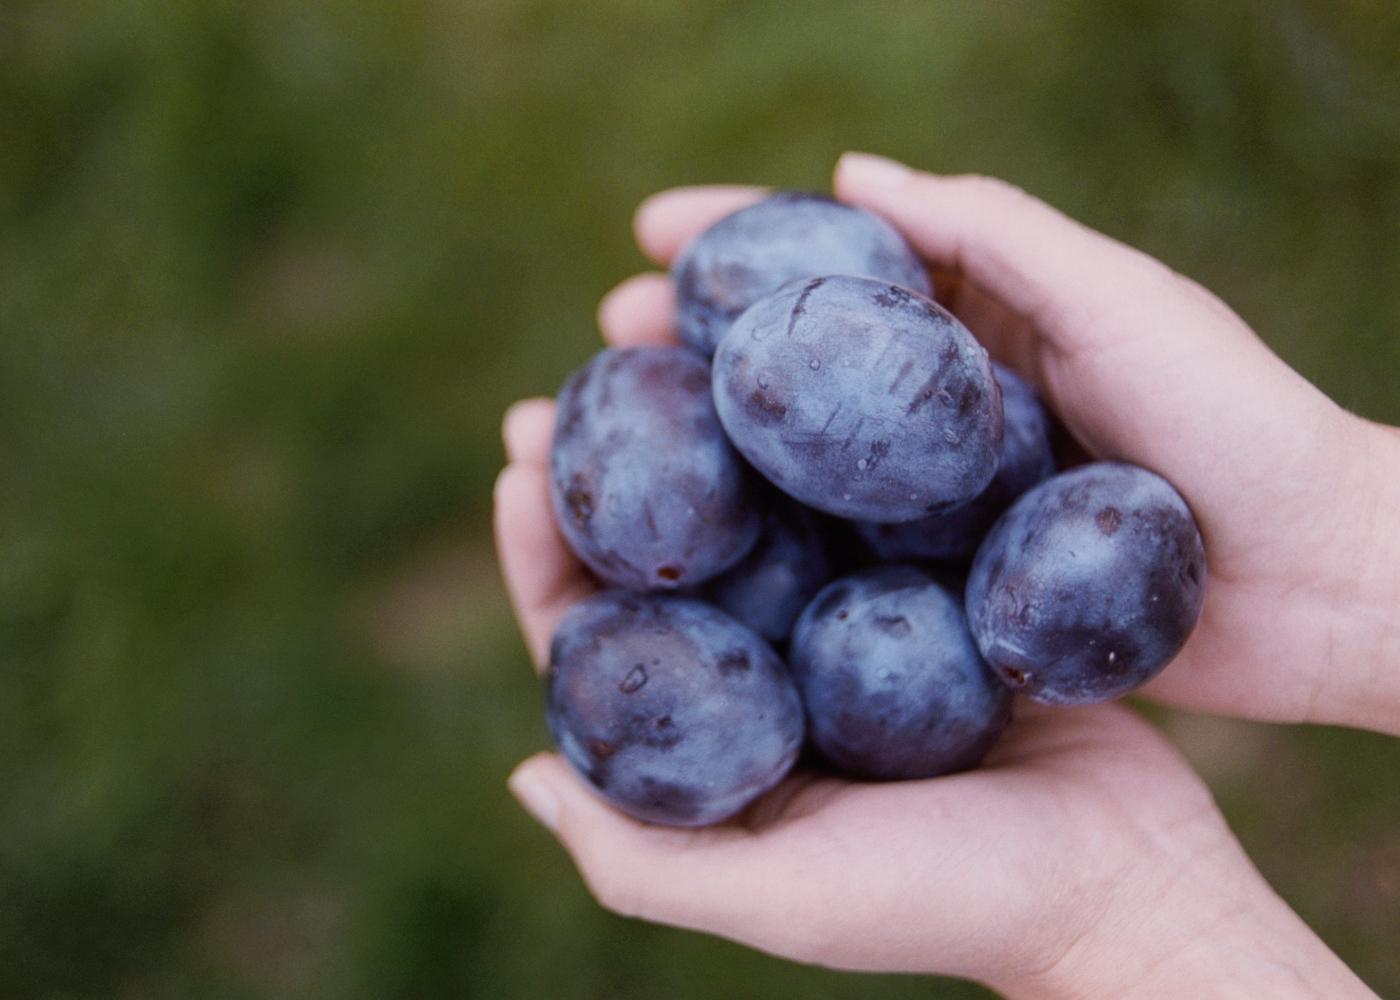 Alimentos para comer de manhã: ameixas